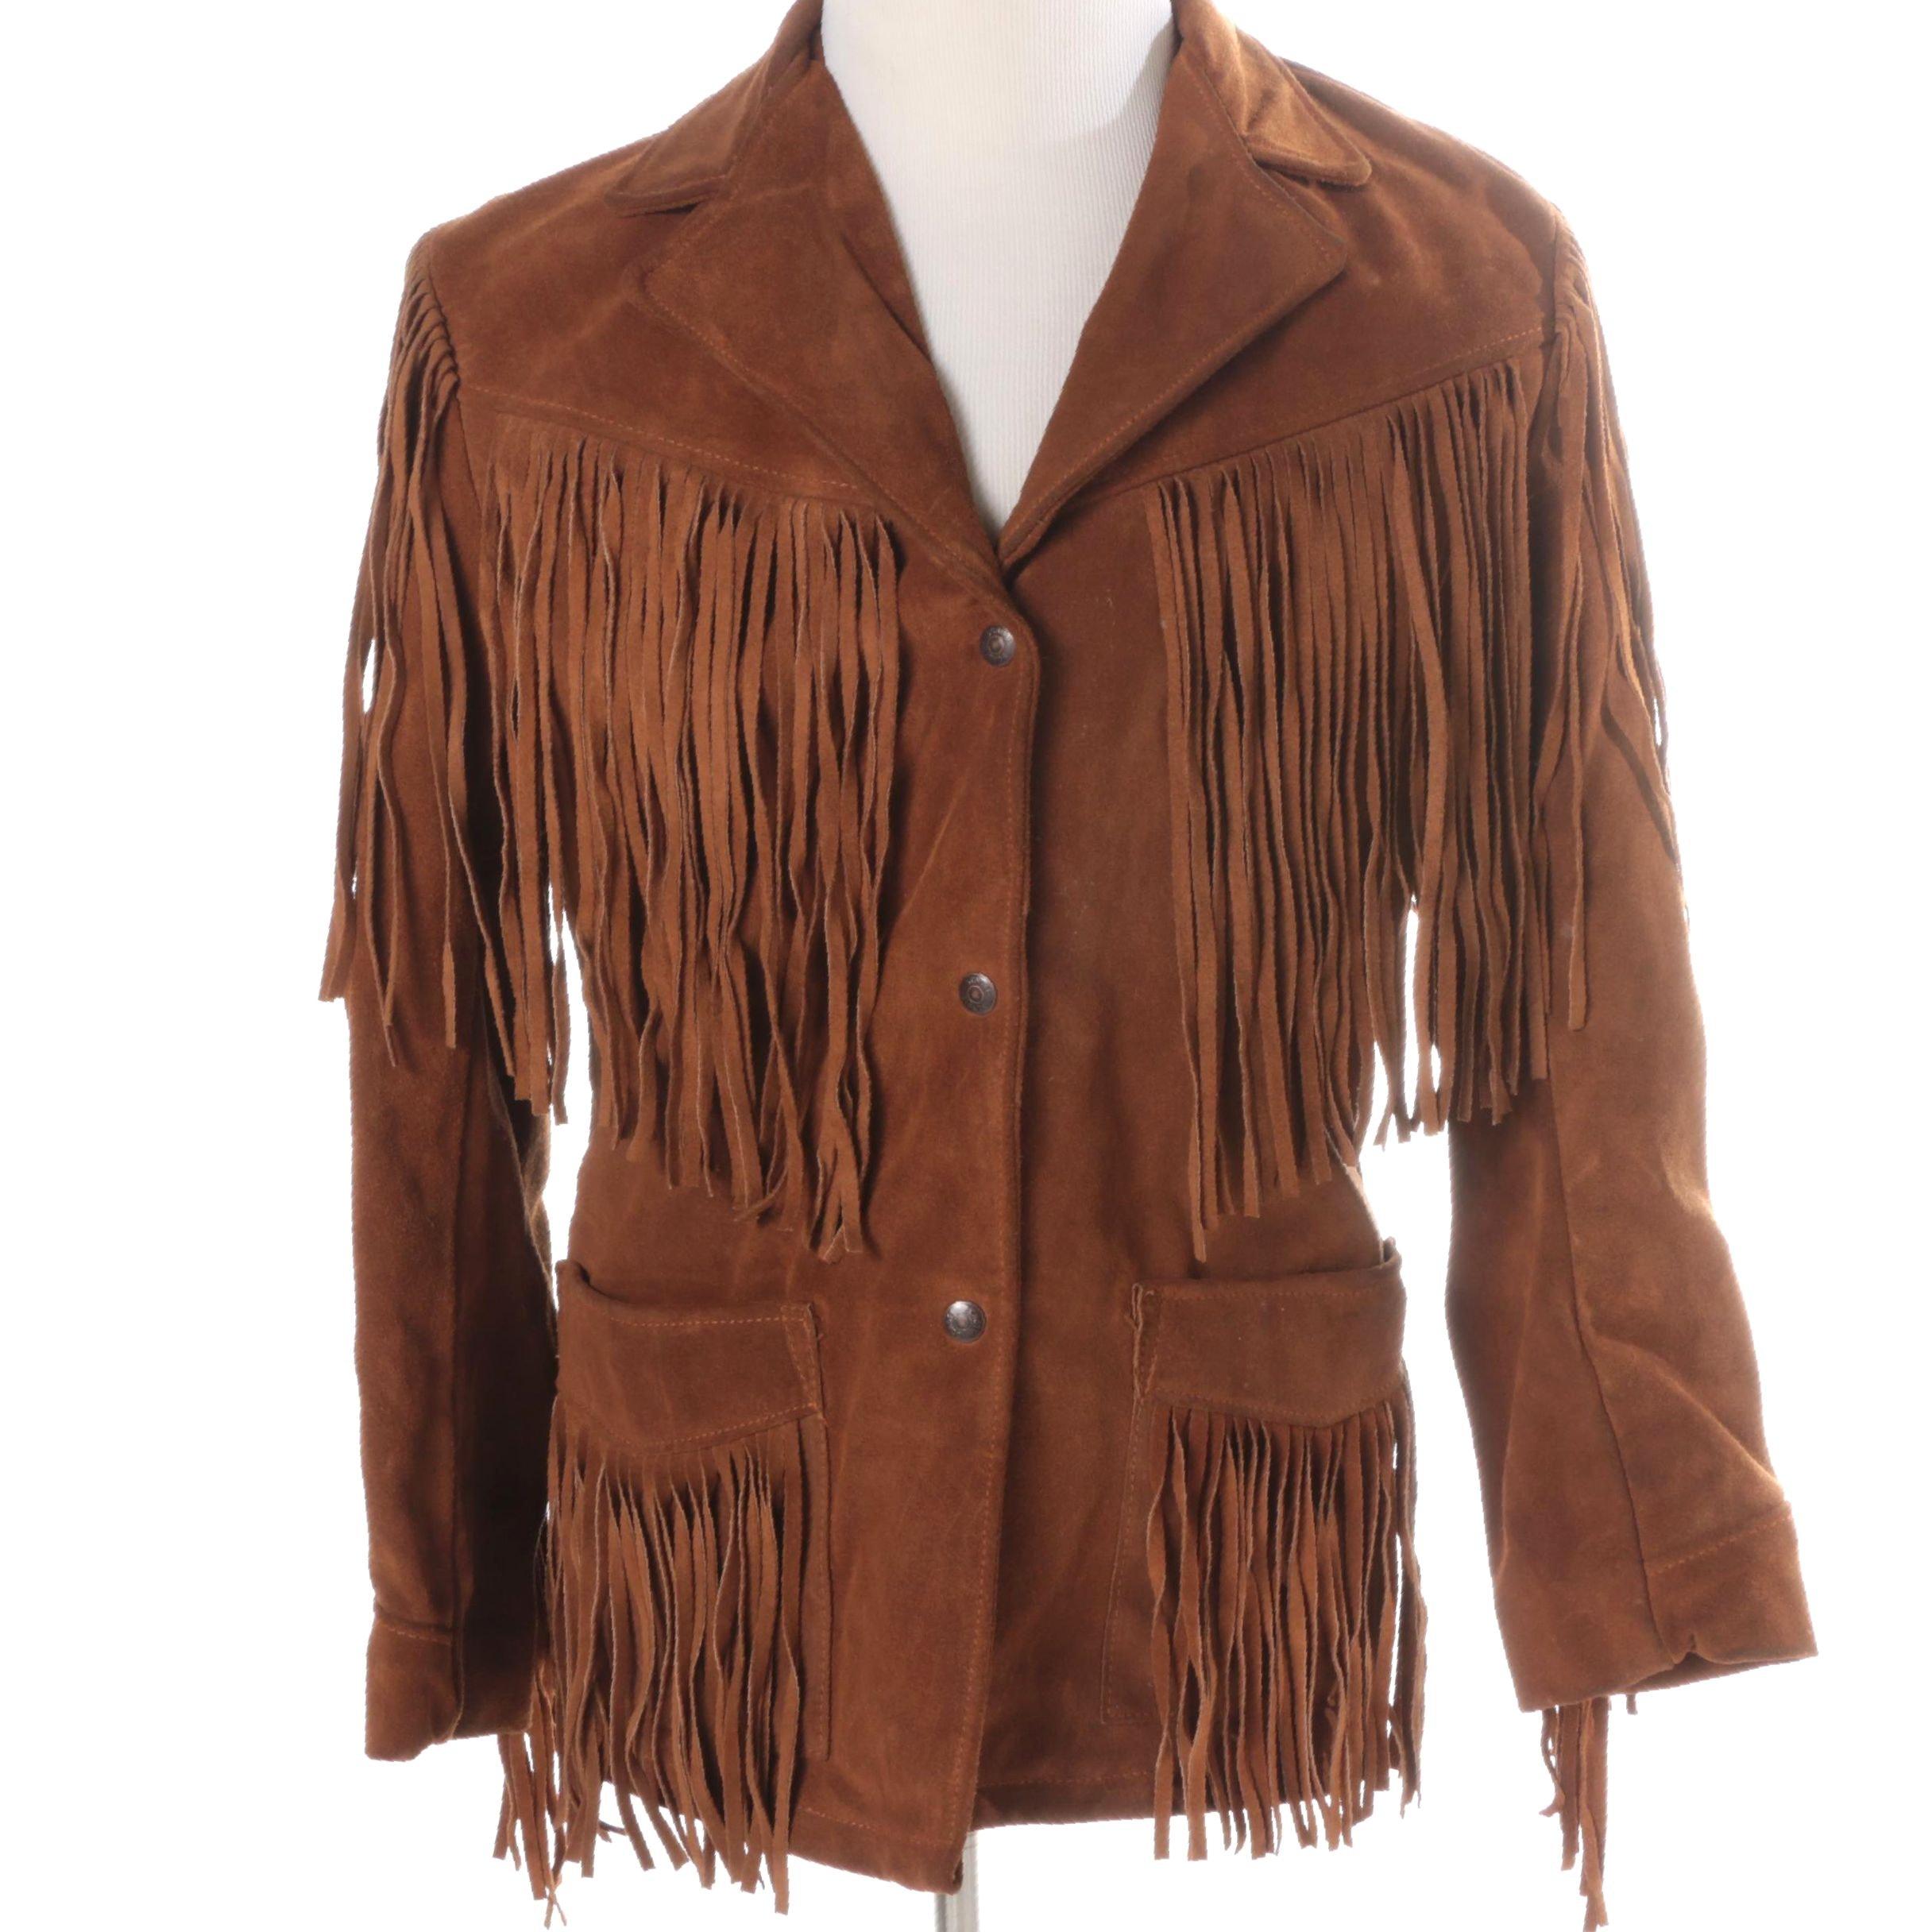 Women's Western Leather Jacket by Schott